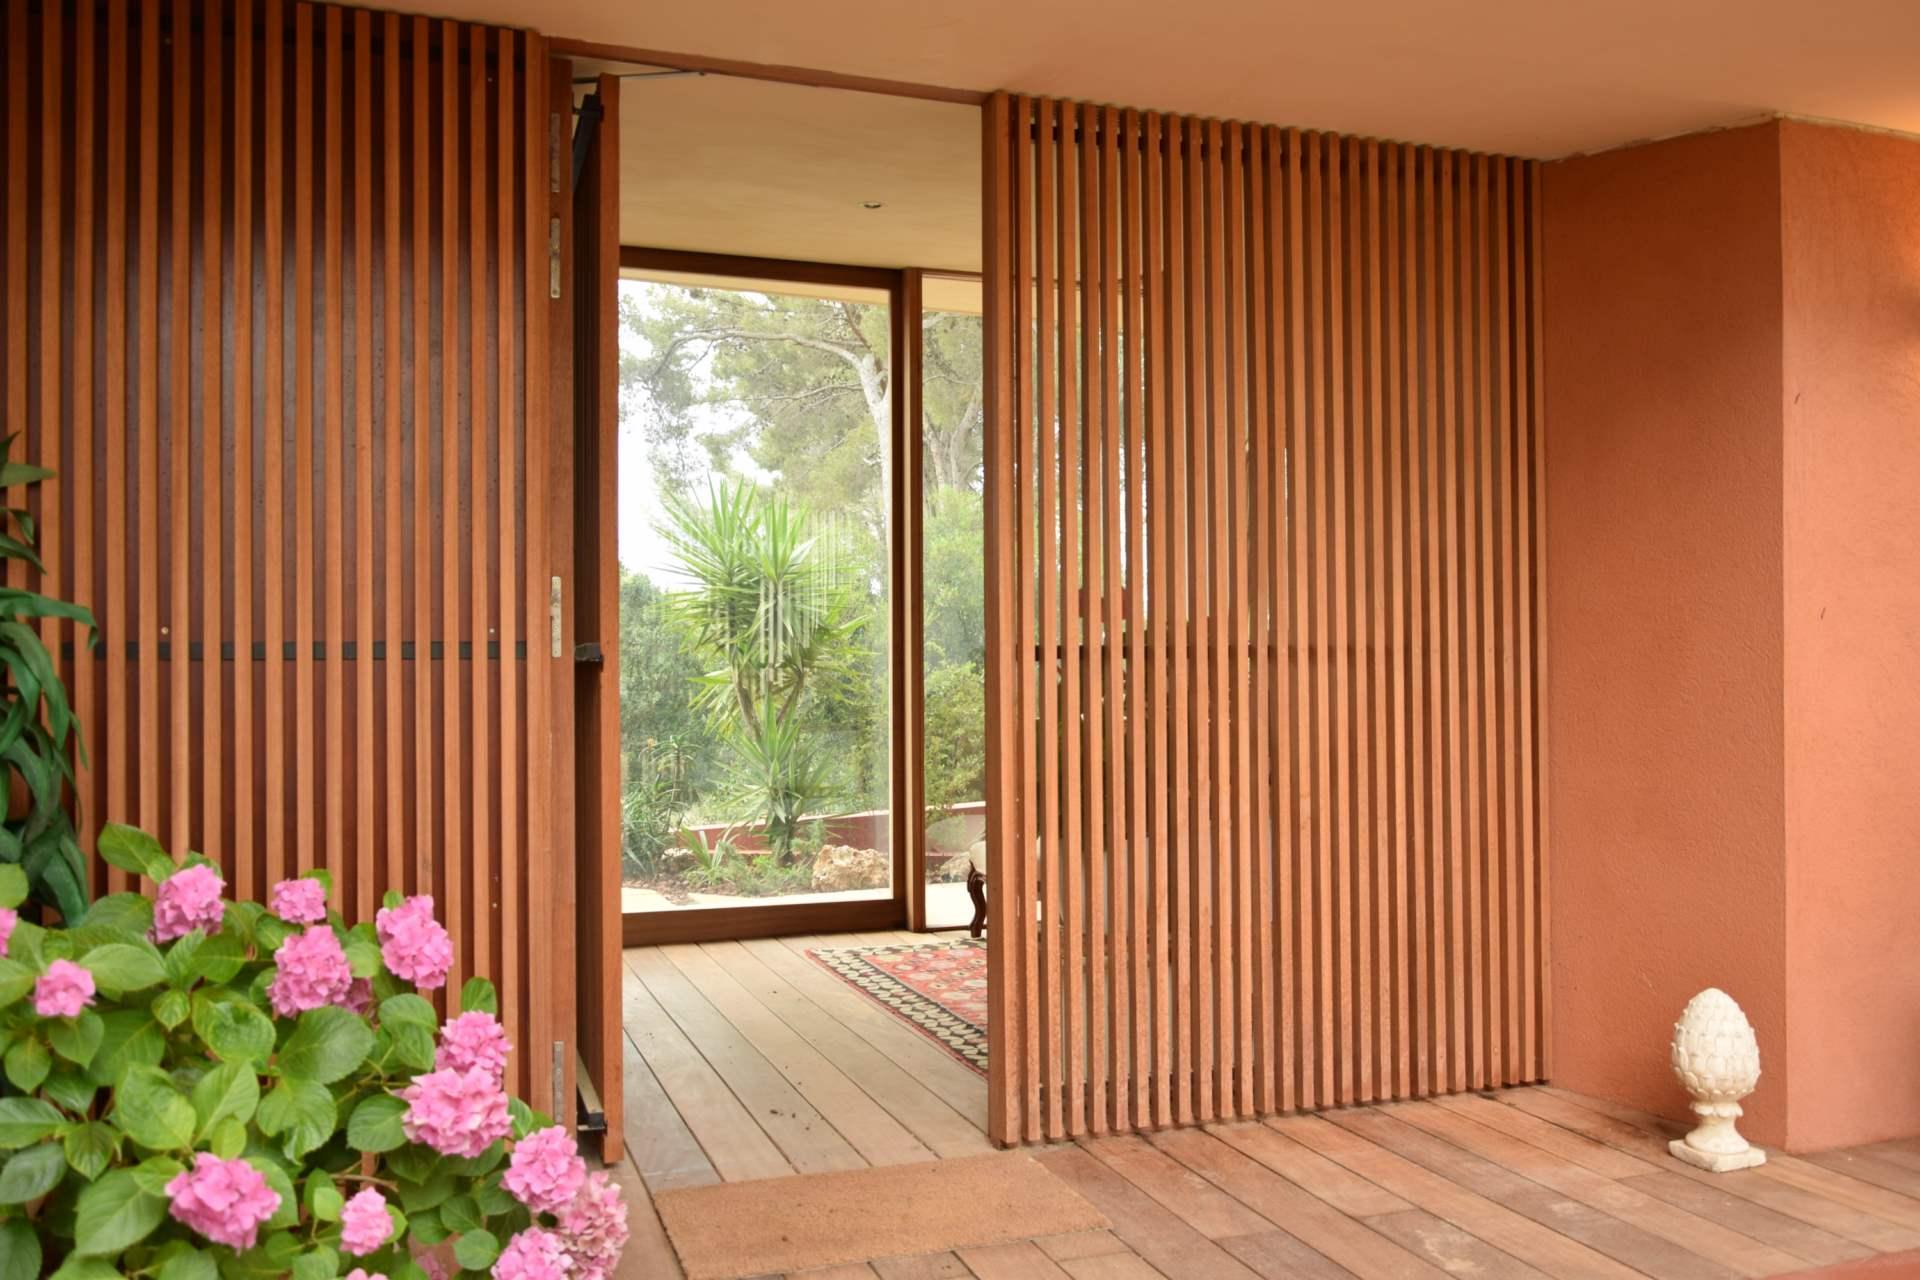 Extension d 39 une maison la seyne sur mer gr gory cugnet for Claustra d interieur